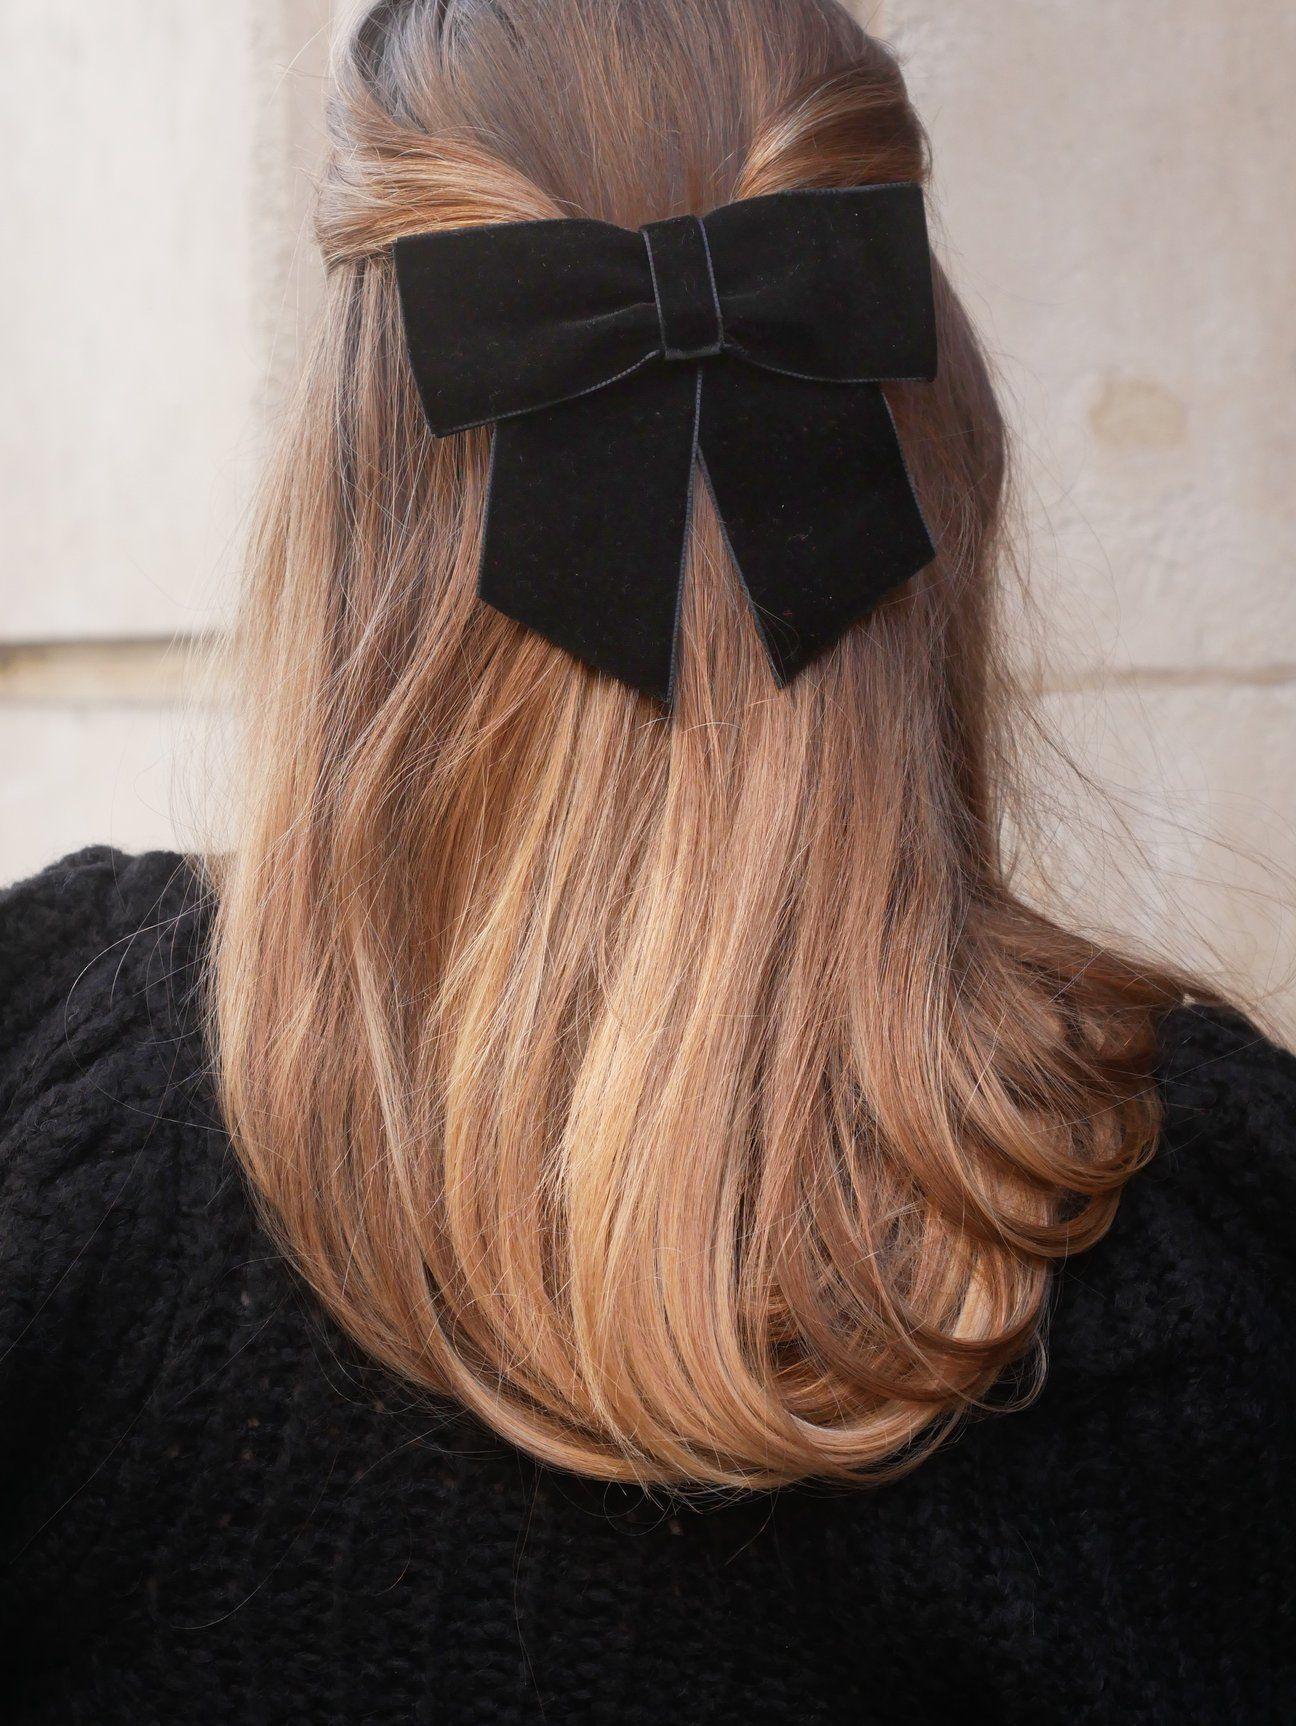 Barrette Noeud Velour Noir Valentine Accessoires Cheveux Coiffure Cheveux Kawaii